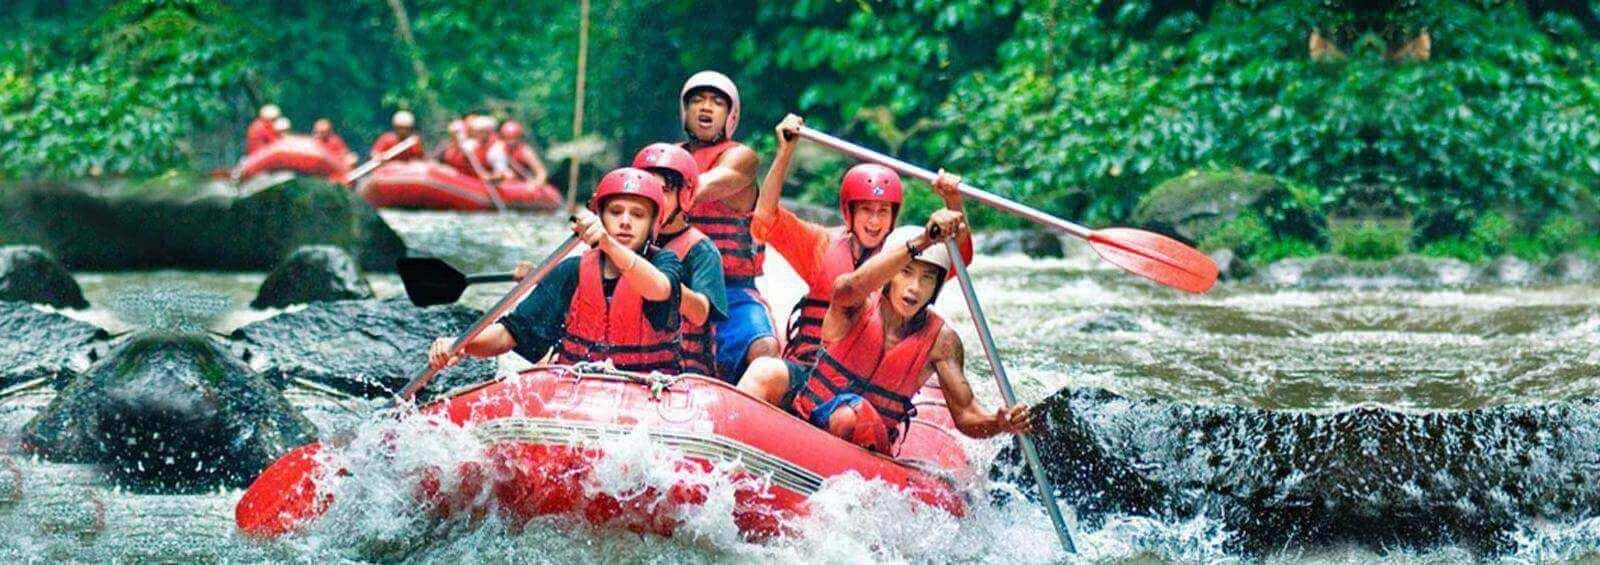 Ayung River Rafting - Tour